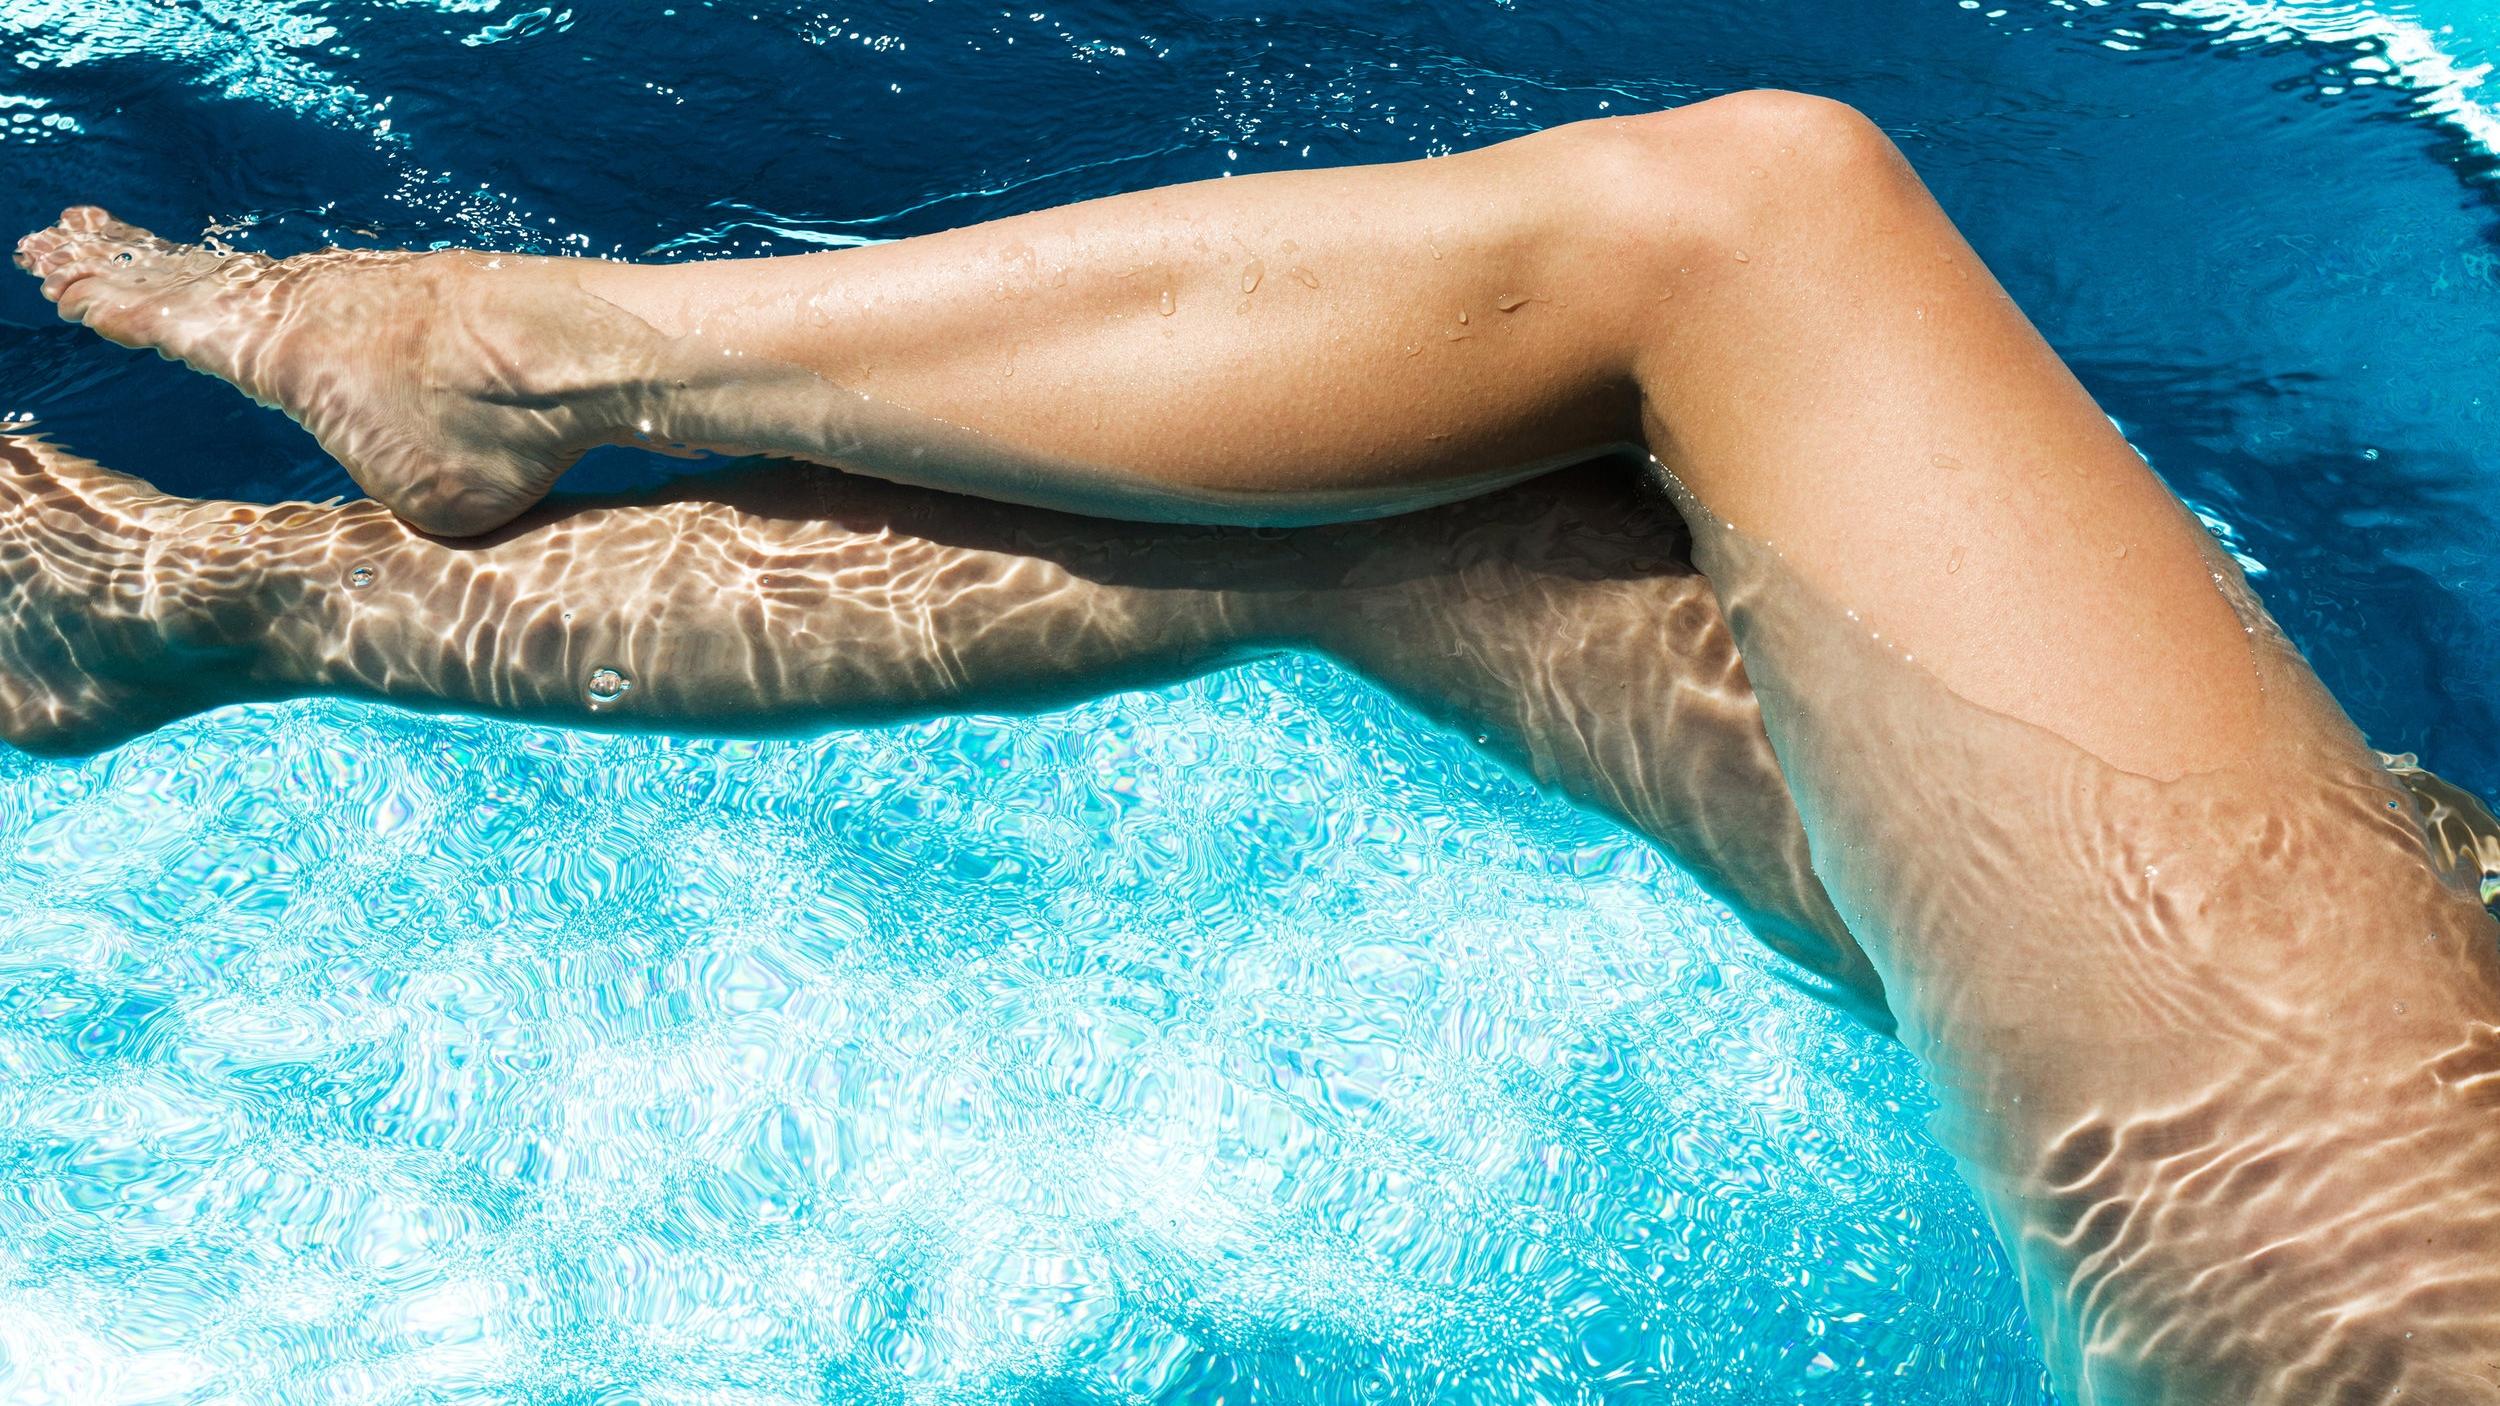 Legs In Pool.jpg